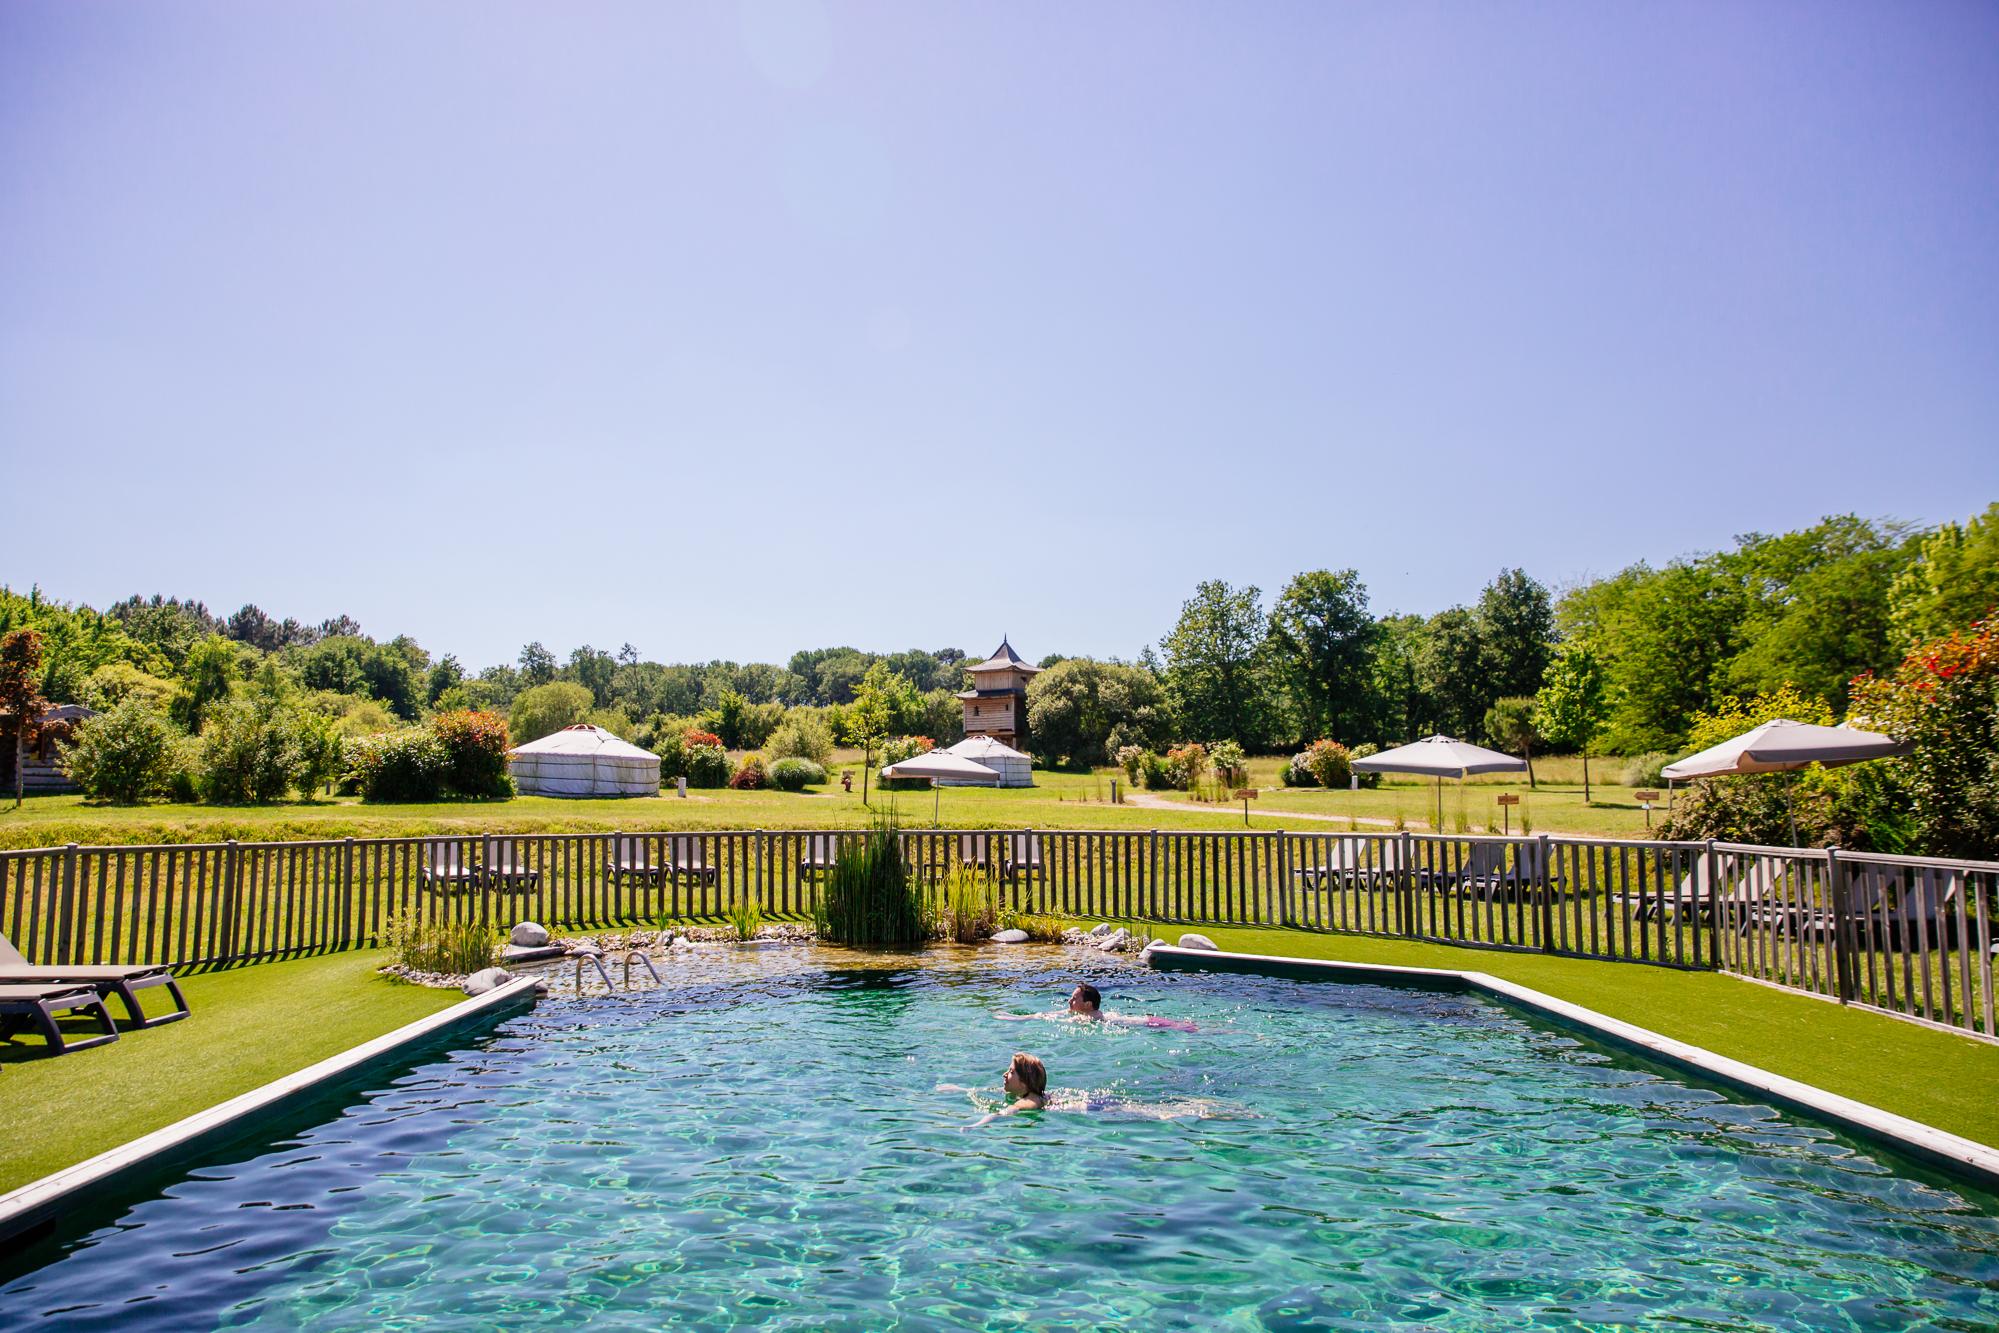 La piscine, baignade naturelle